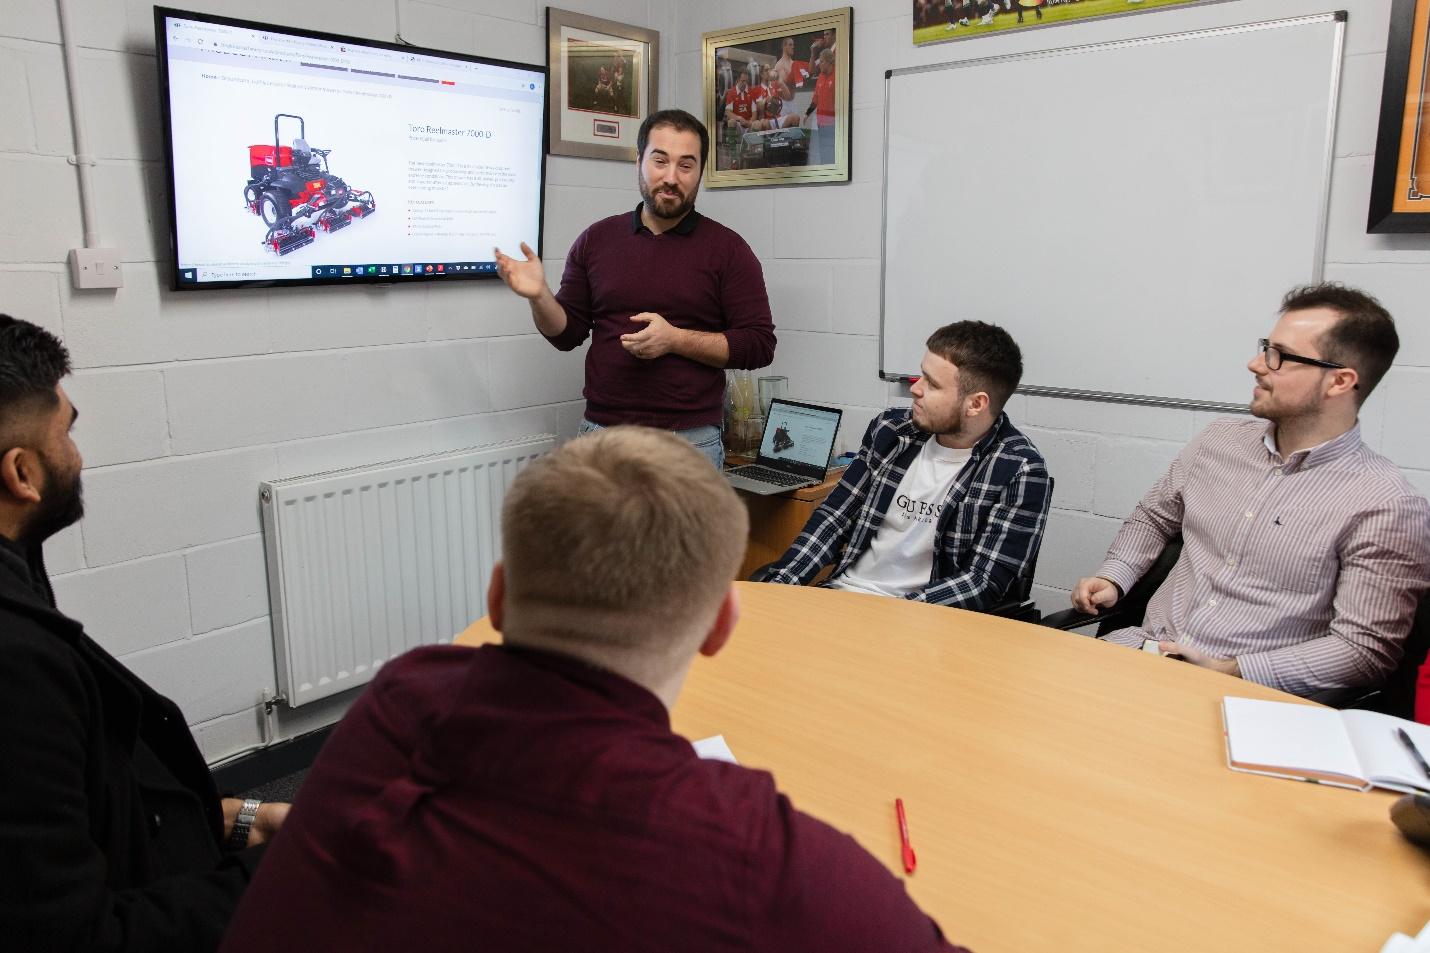 Sinh viên Đại học South Wales tham gia dự án cùng doanh nghiệp. Ảnh: Đại học South Wales.